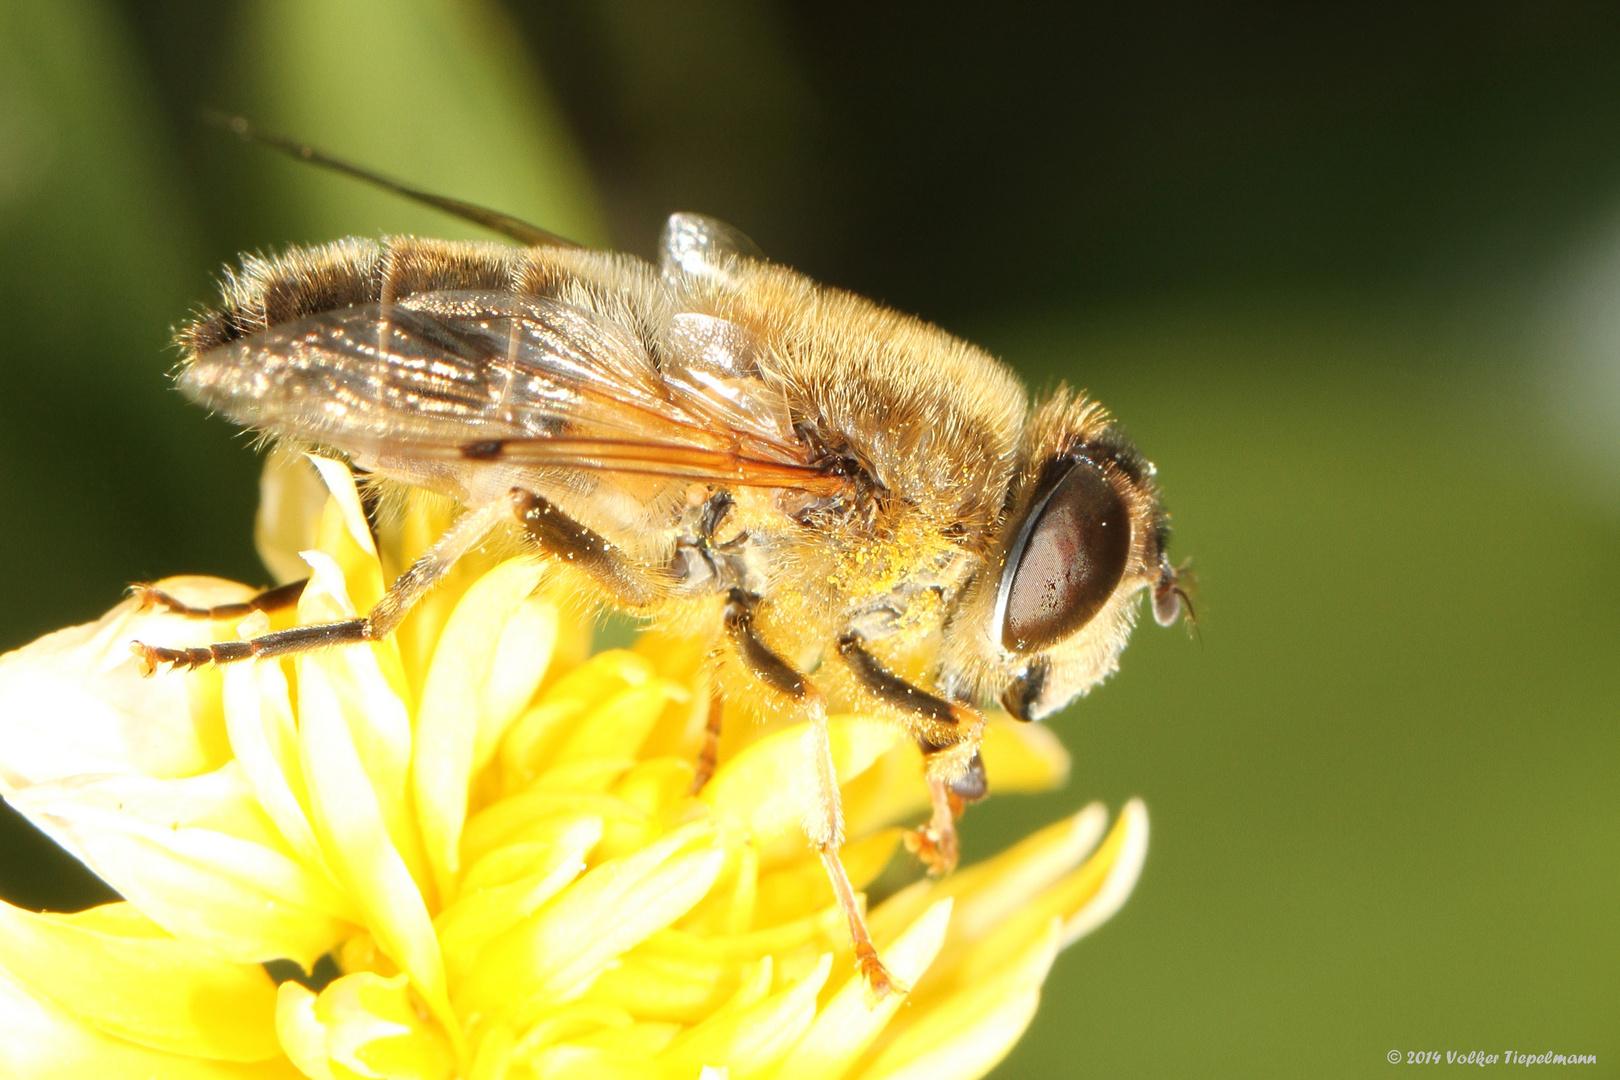 unbekannte Fliege auf Ranunkelblüte